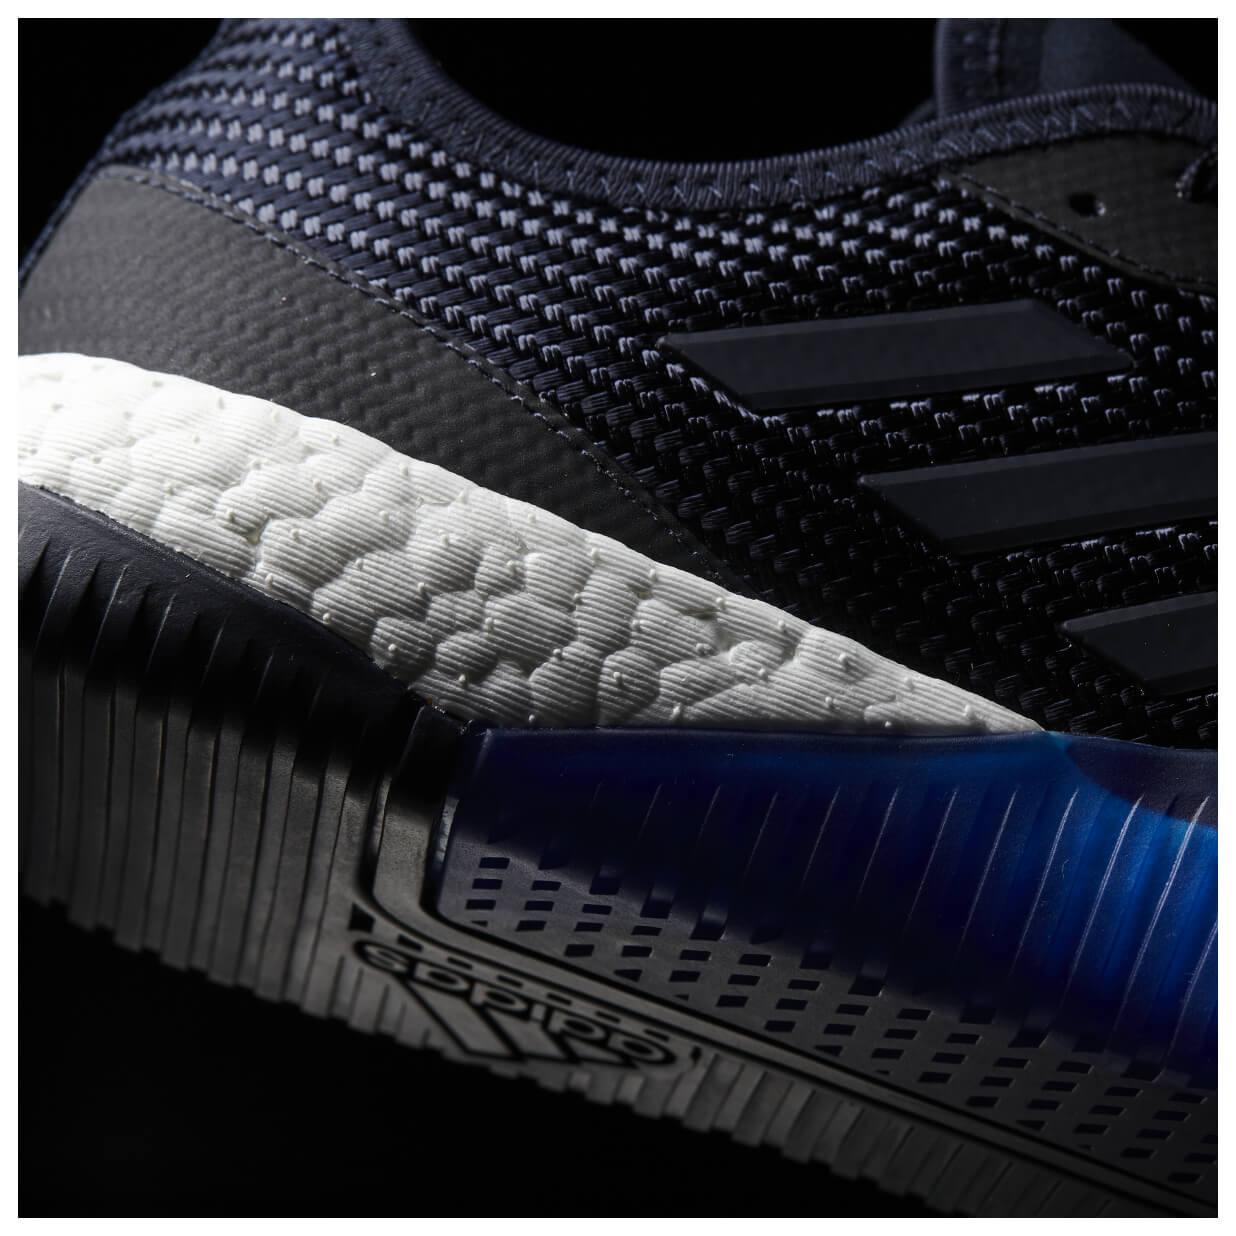 11688ece8f1c4 Adidas Crazytrain Elite - Fitnessschuh - Fitnessschuhe Herren online ...